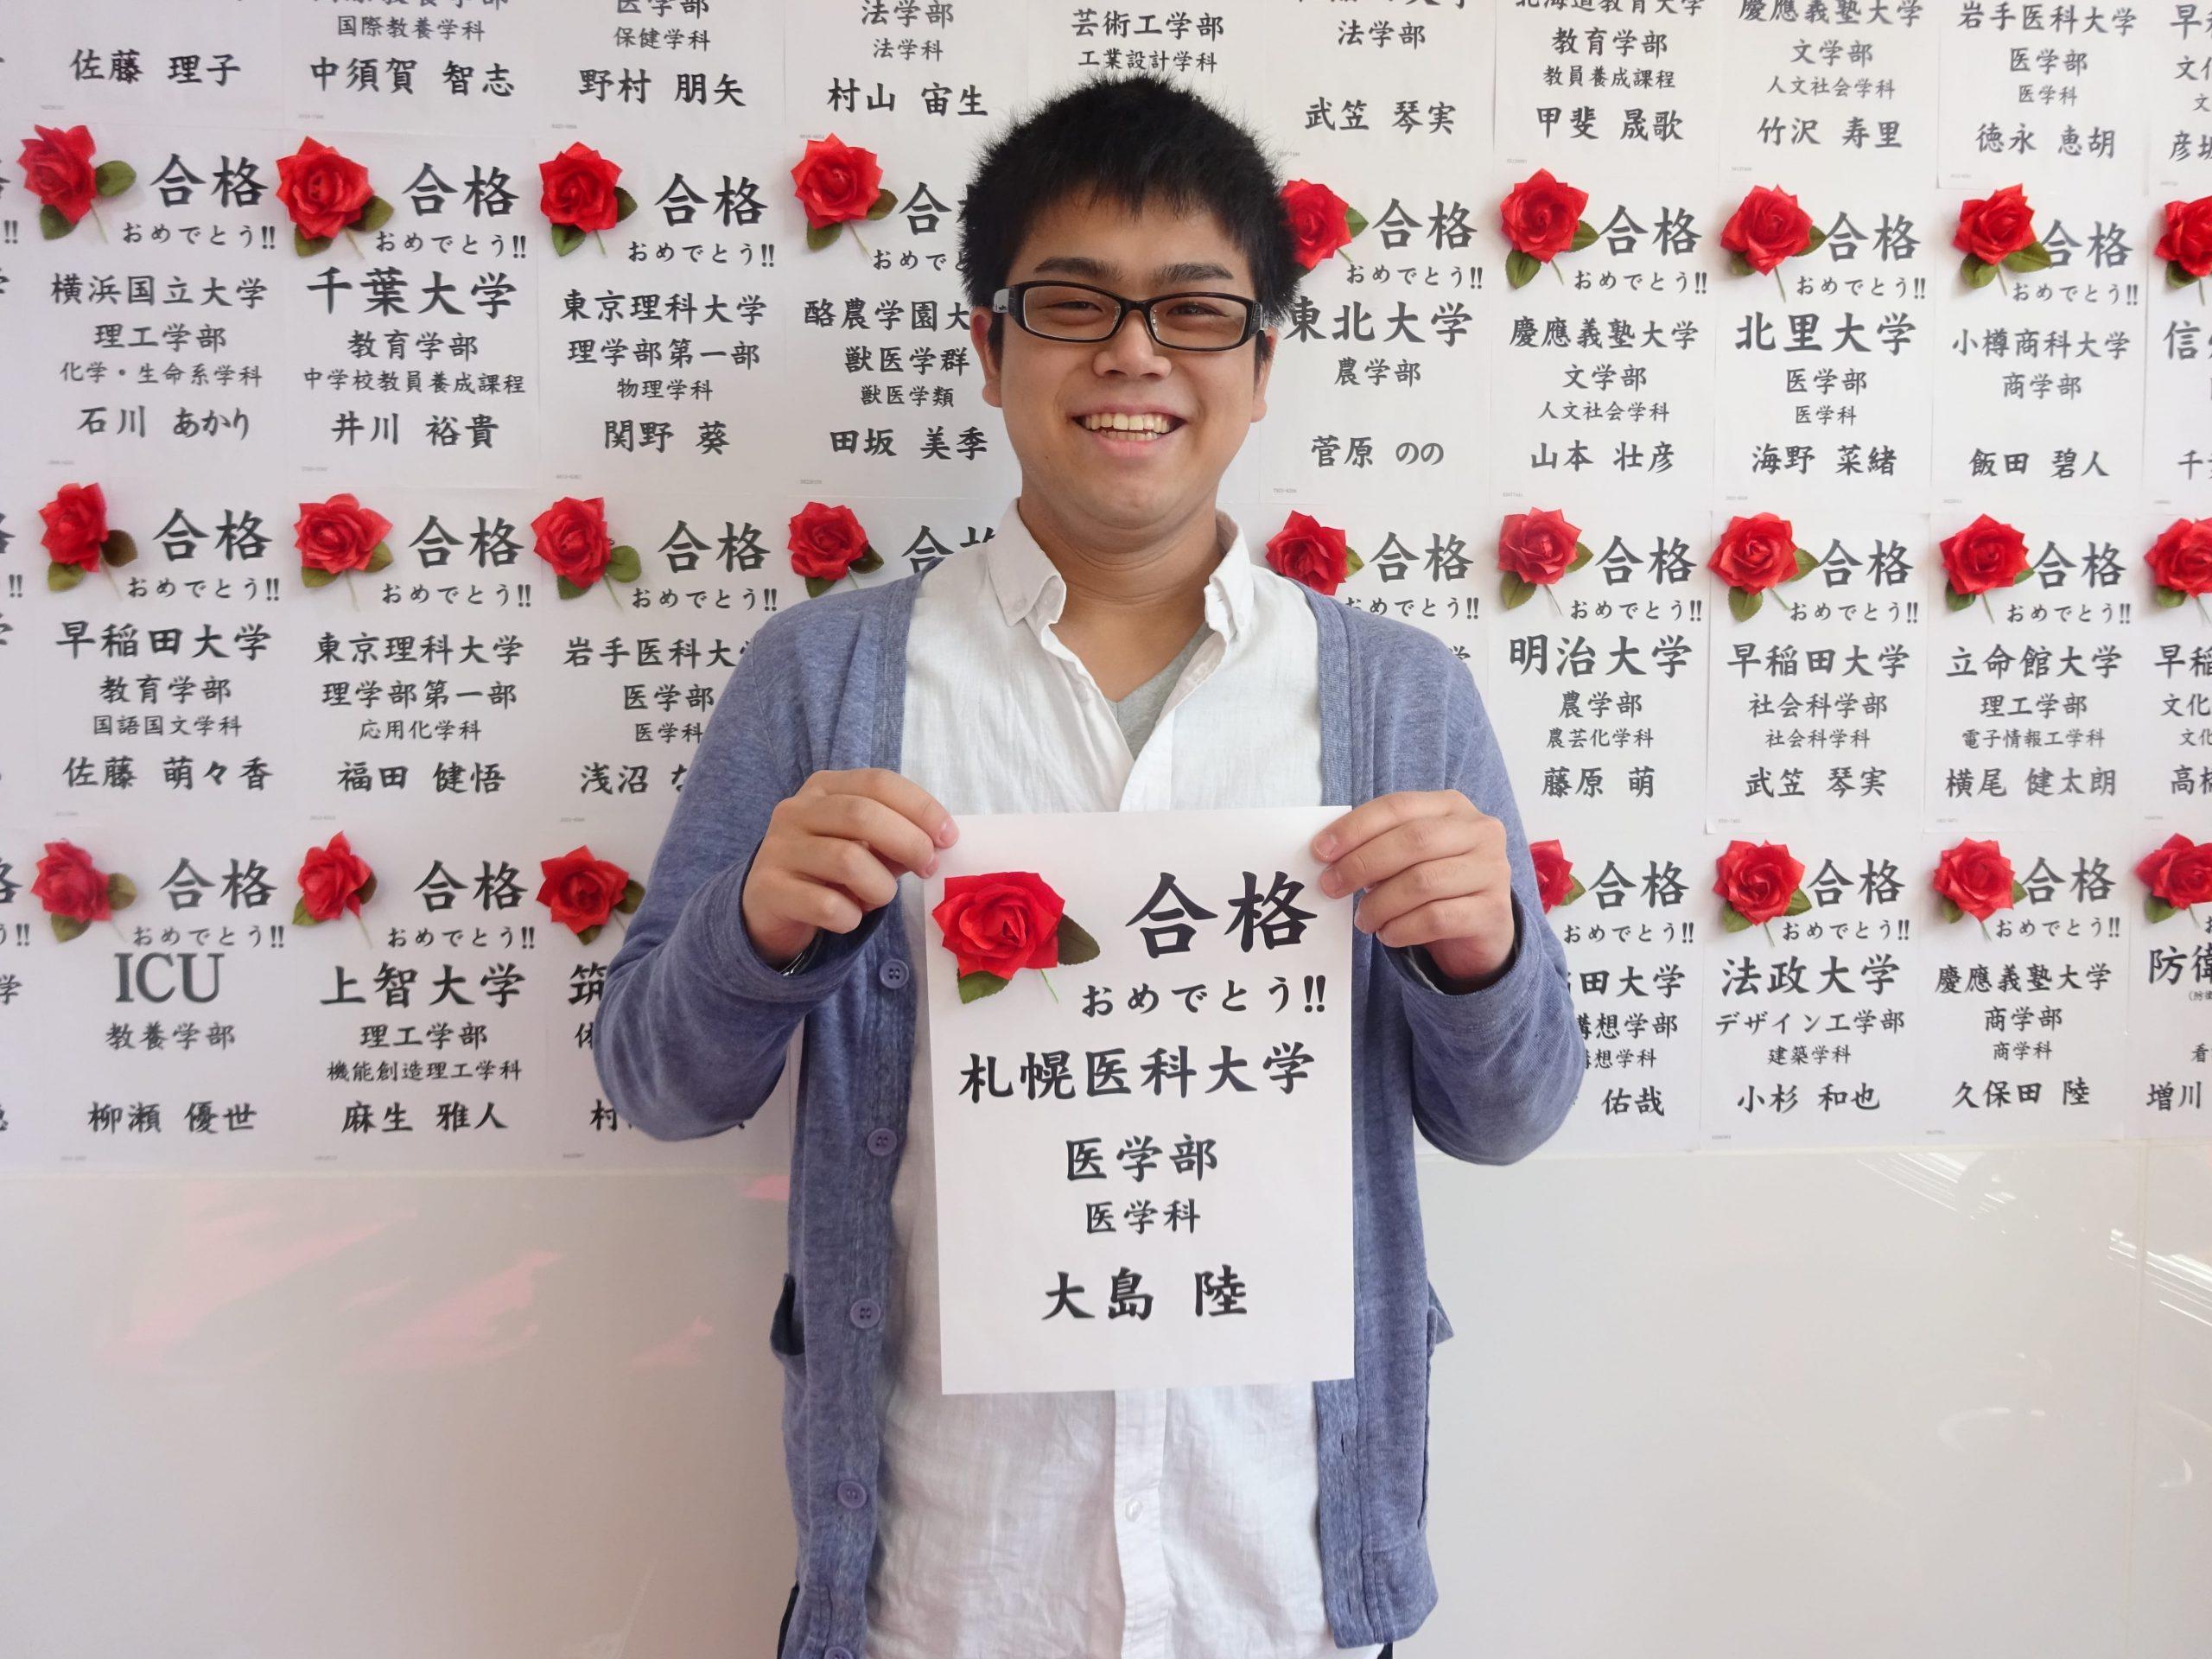 札幌医科大学合格者2